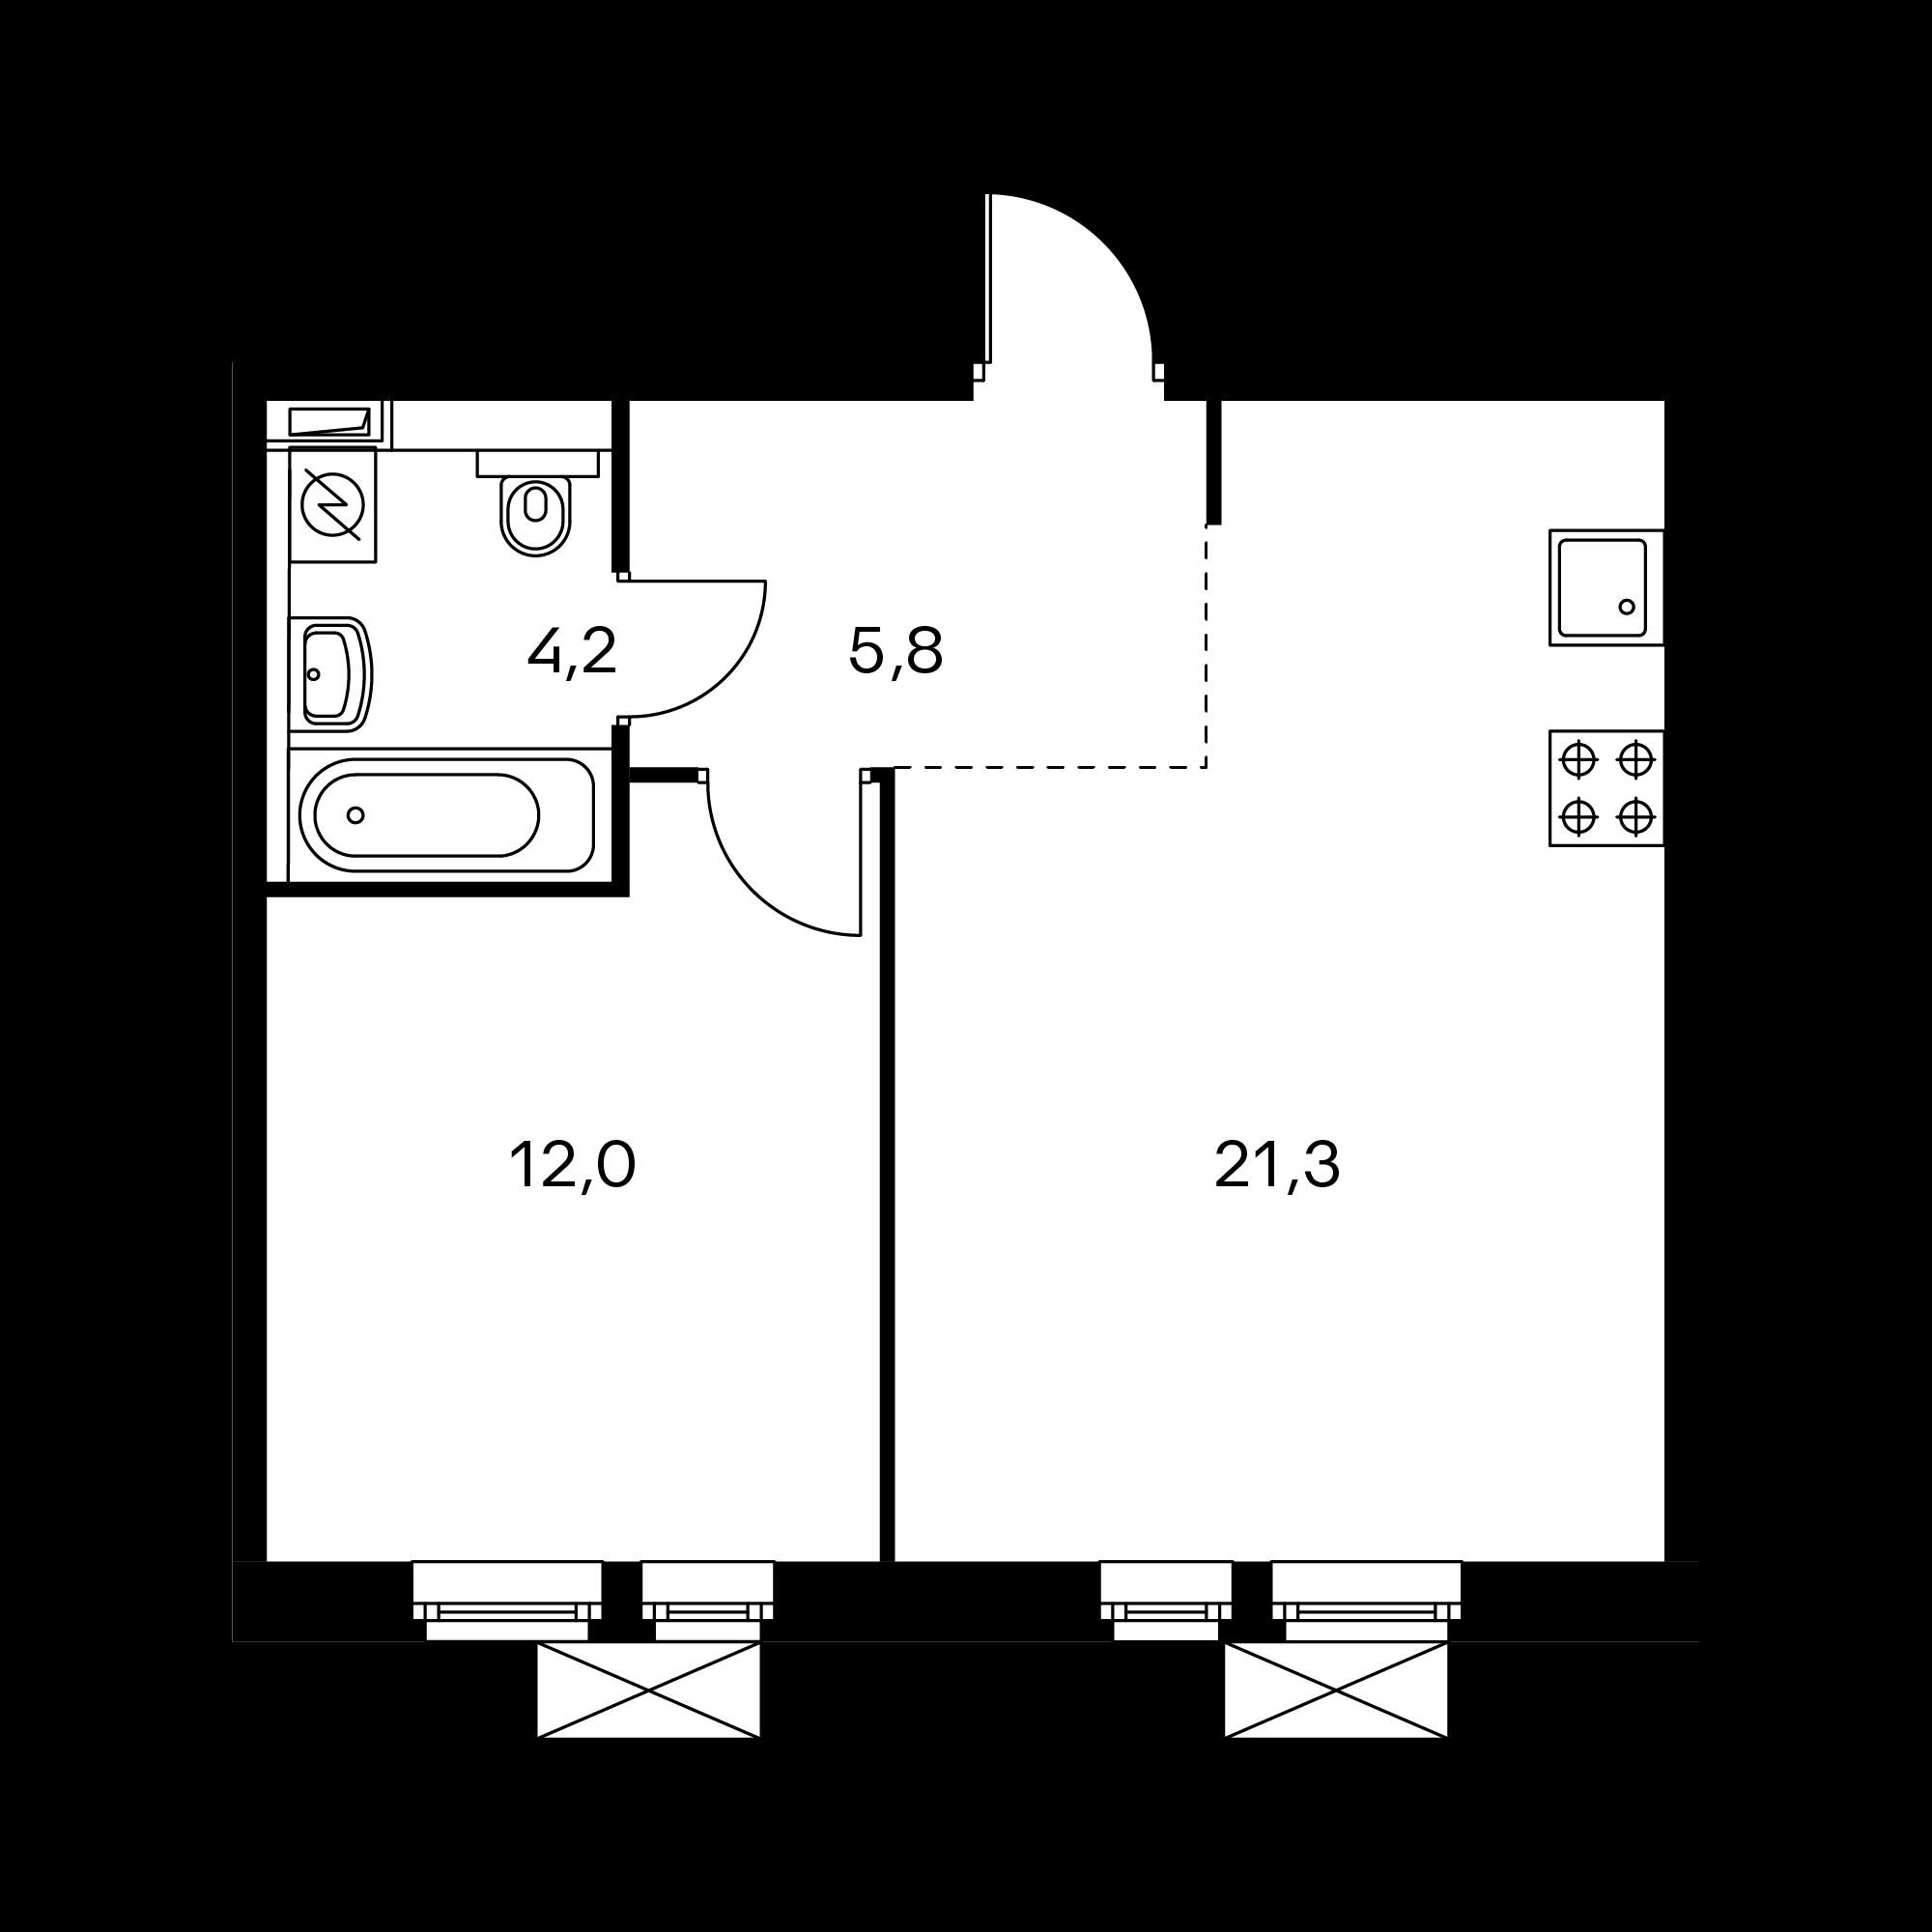 1EL4_7.5-1__S_A